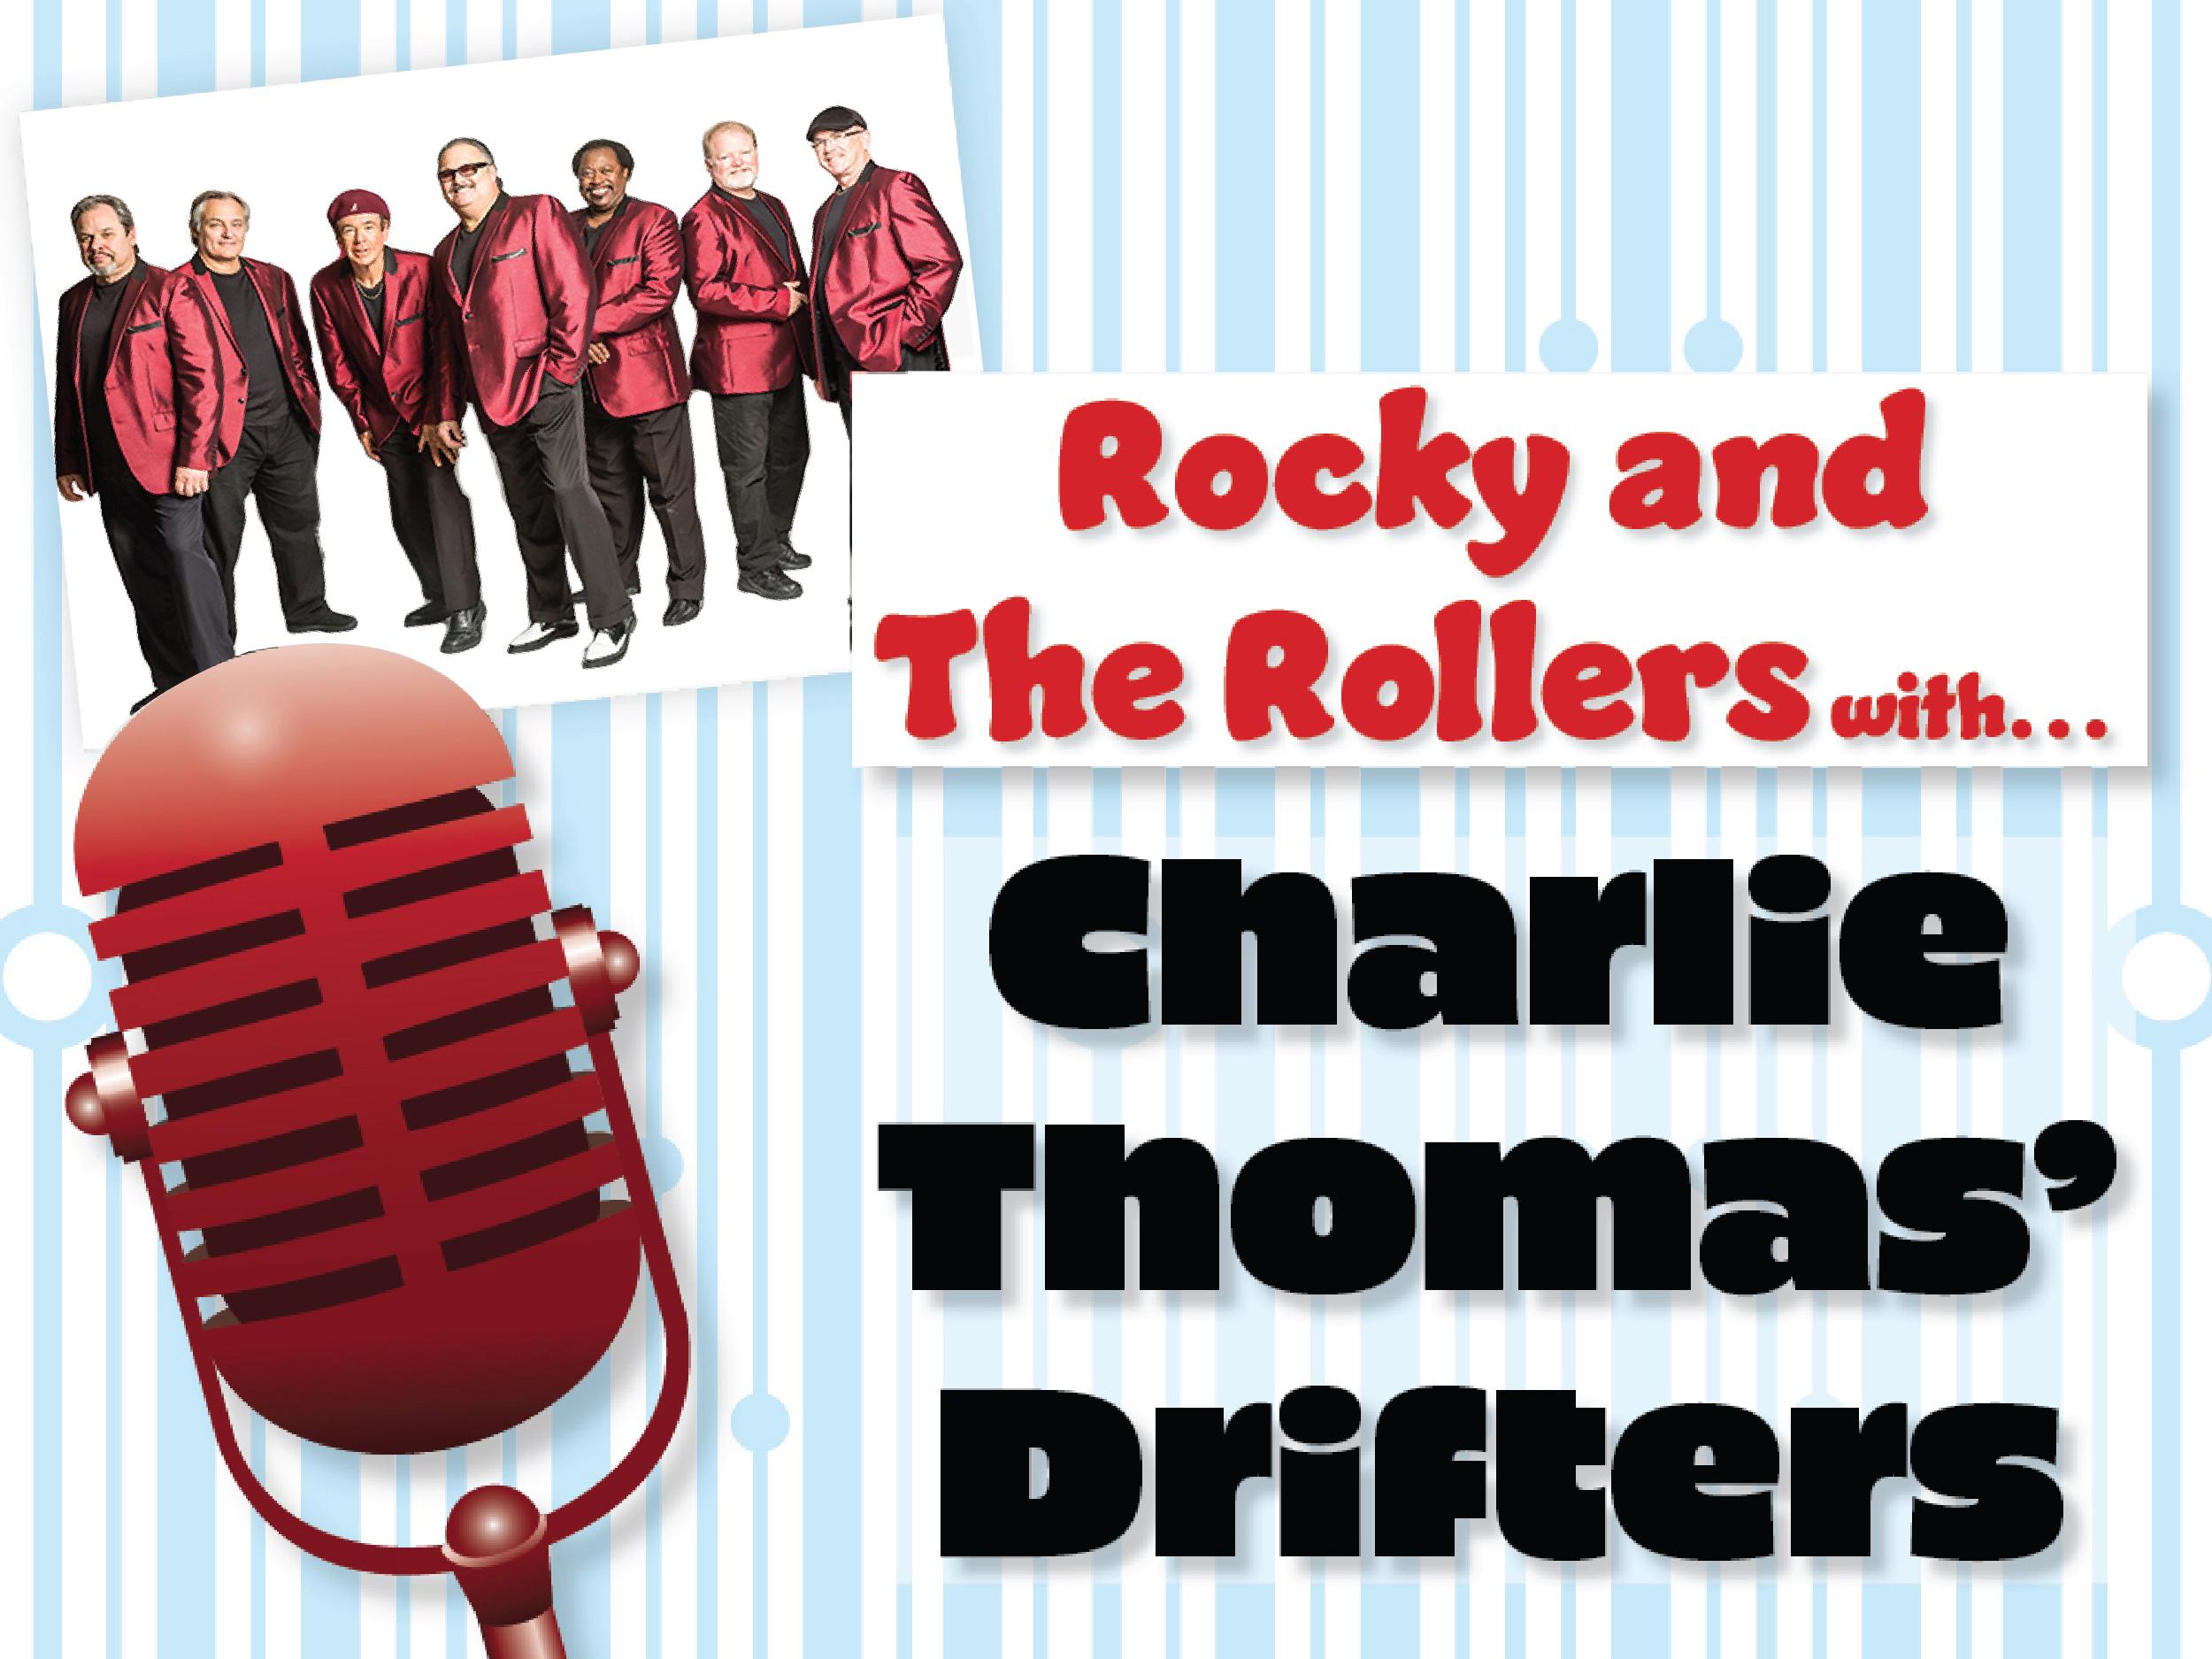 doo wop n rock series: charlie thomas drifters & joey dee Image